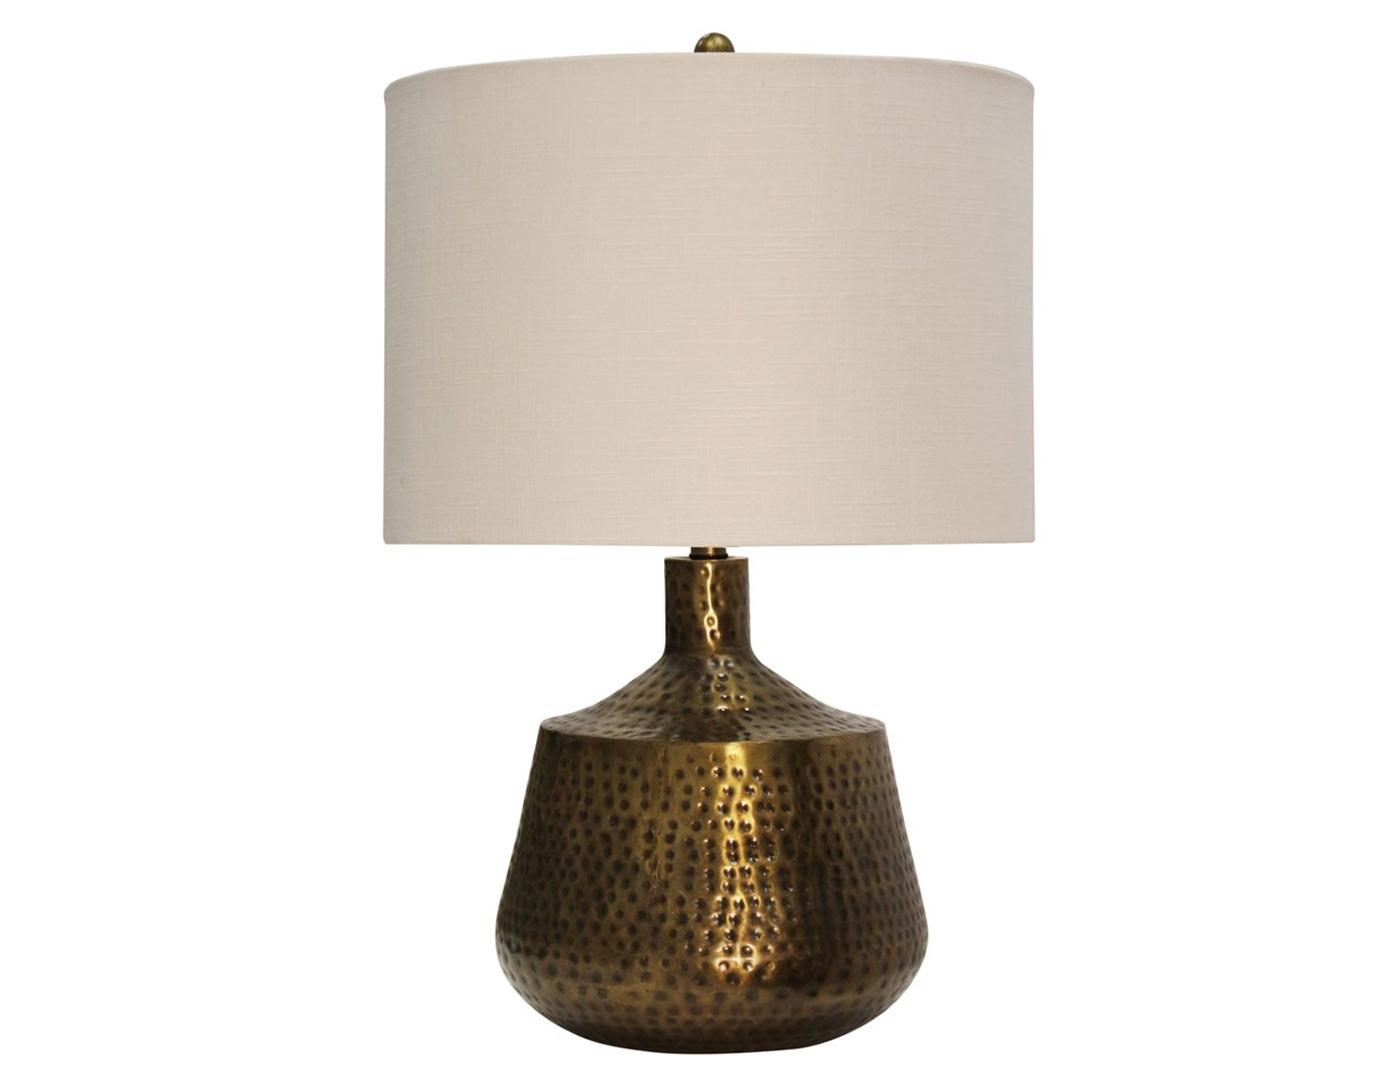 steinhafels bronze metal hammered table lamp. Black Bedroom Furniture Sets. Home Design Ideas